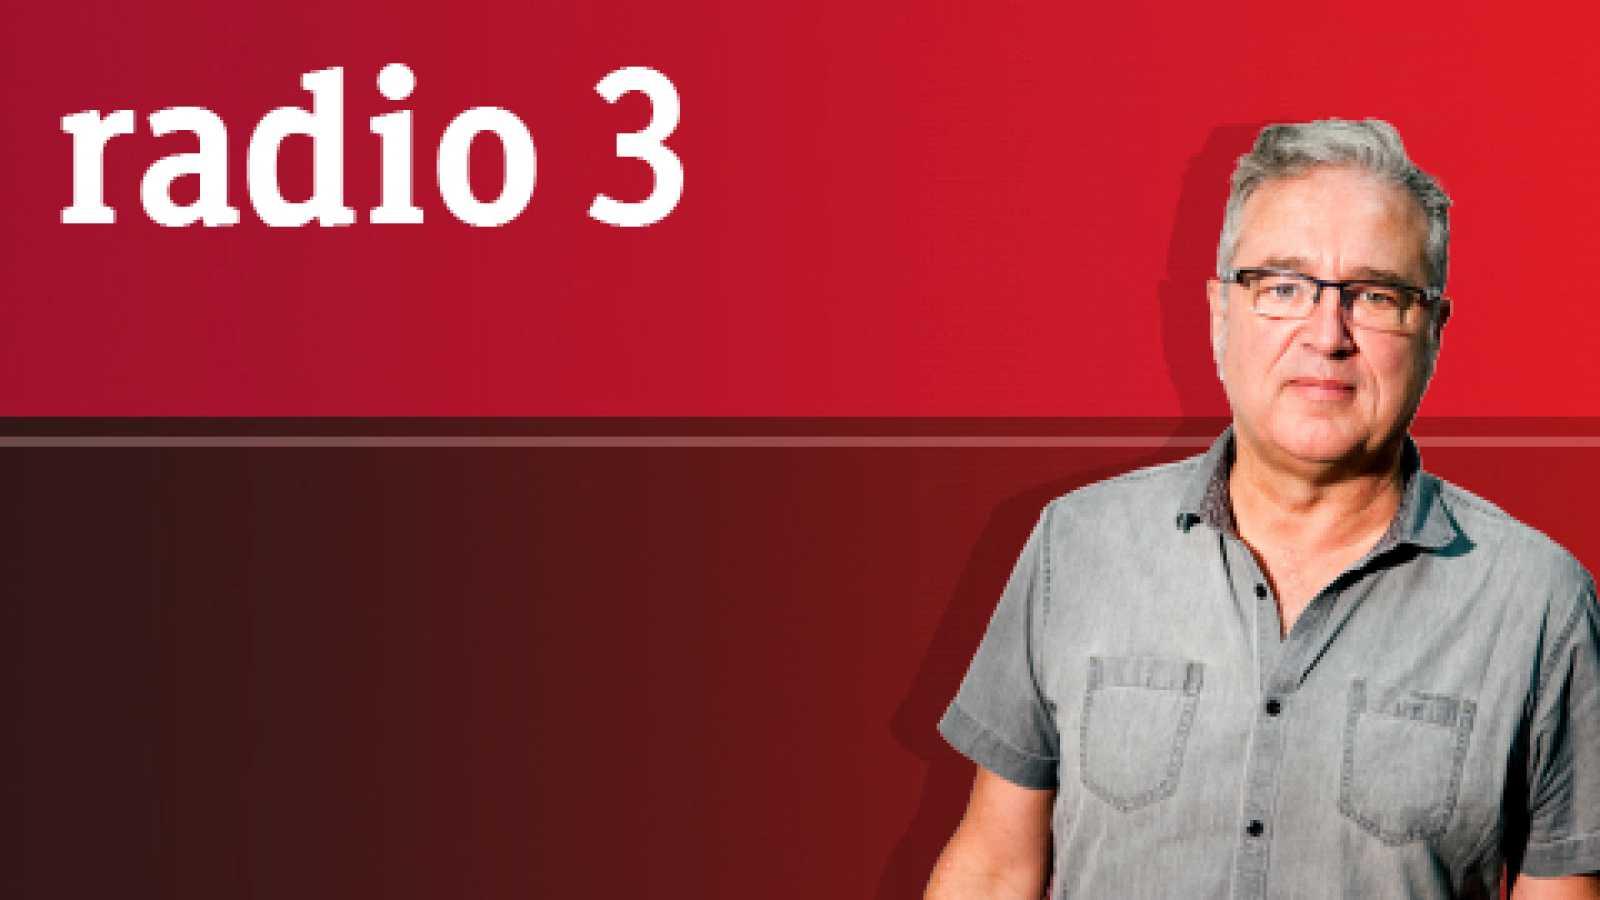 Tarataña - Seivane, Dúa de Pel y Bras - 29/09/18 - escuchar ahora